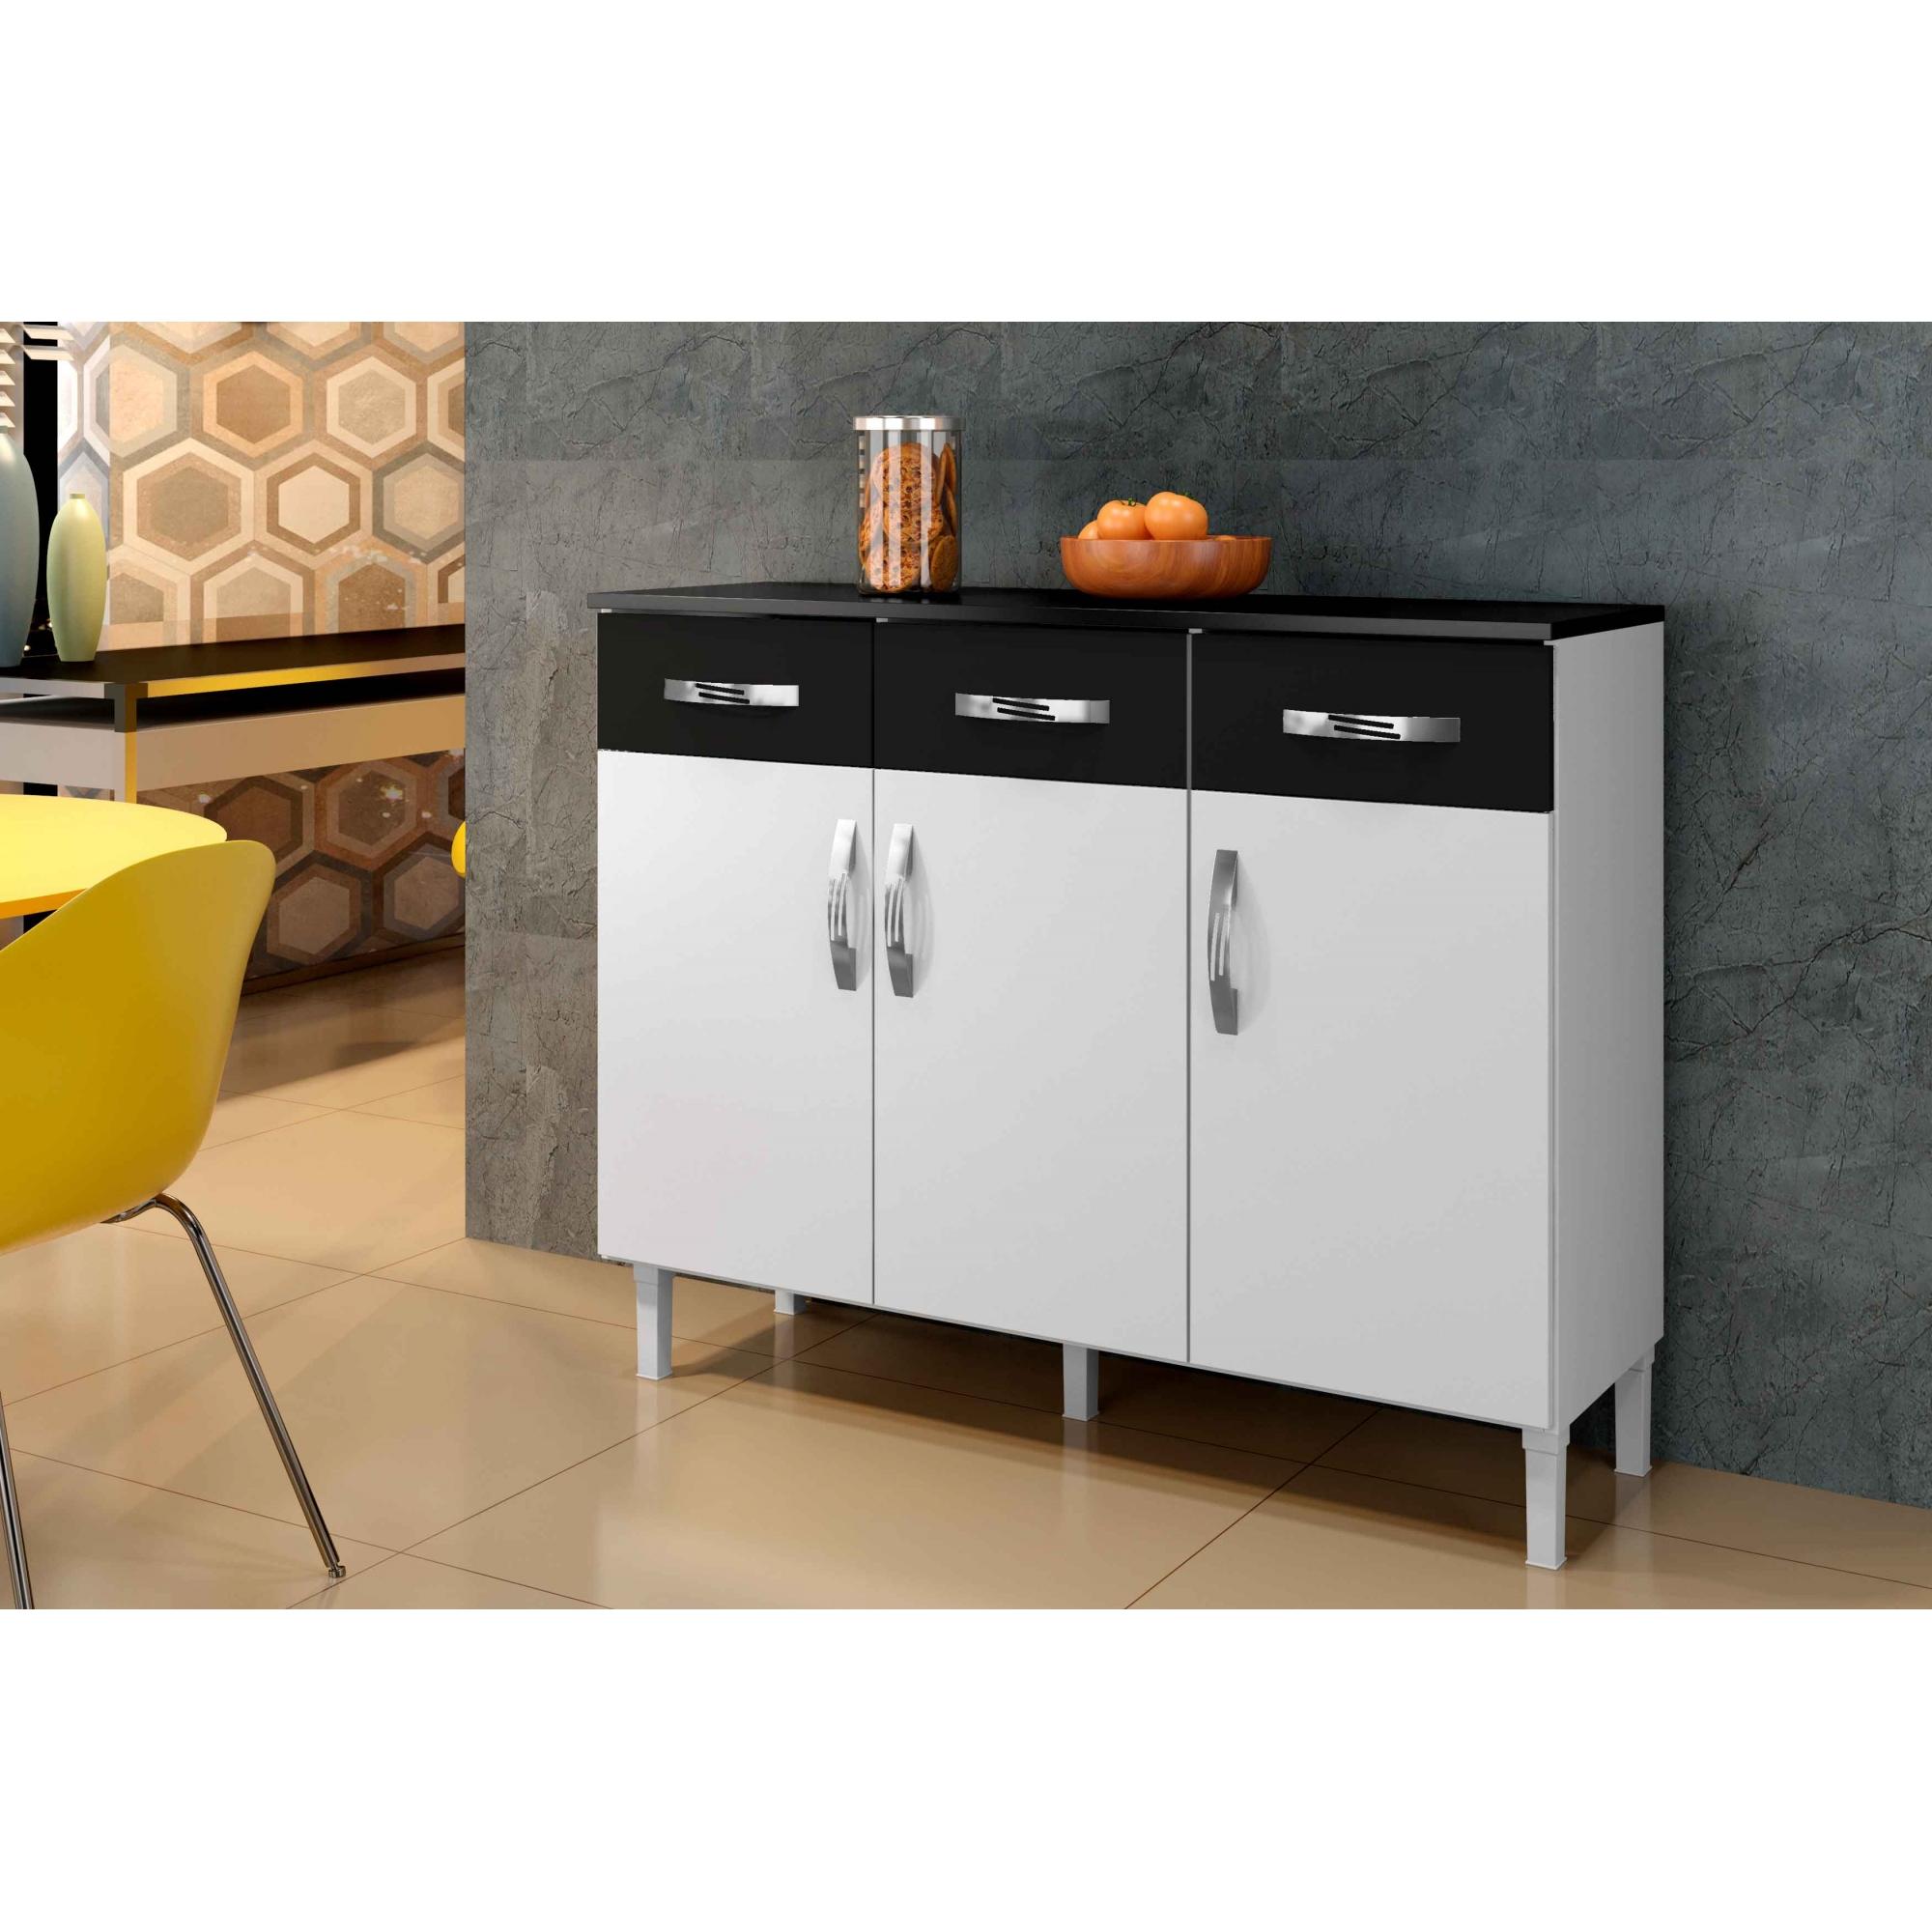 Balcão Max Armário para Cozinha Área de Serviço Branco